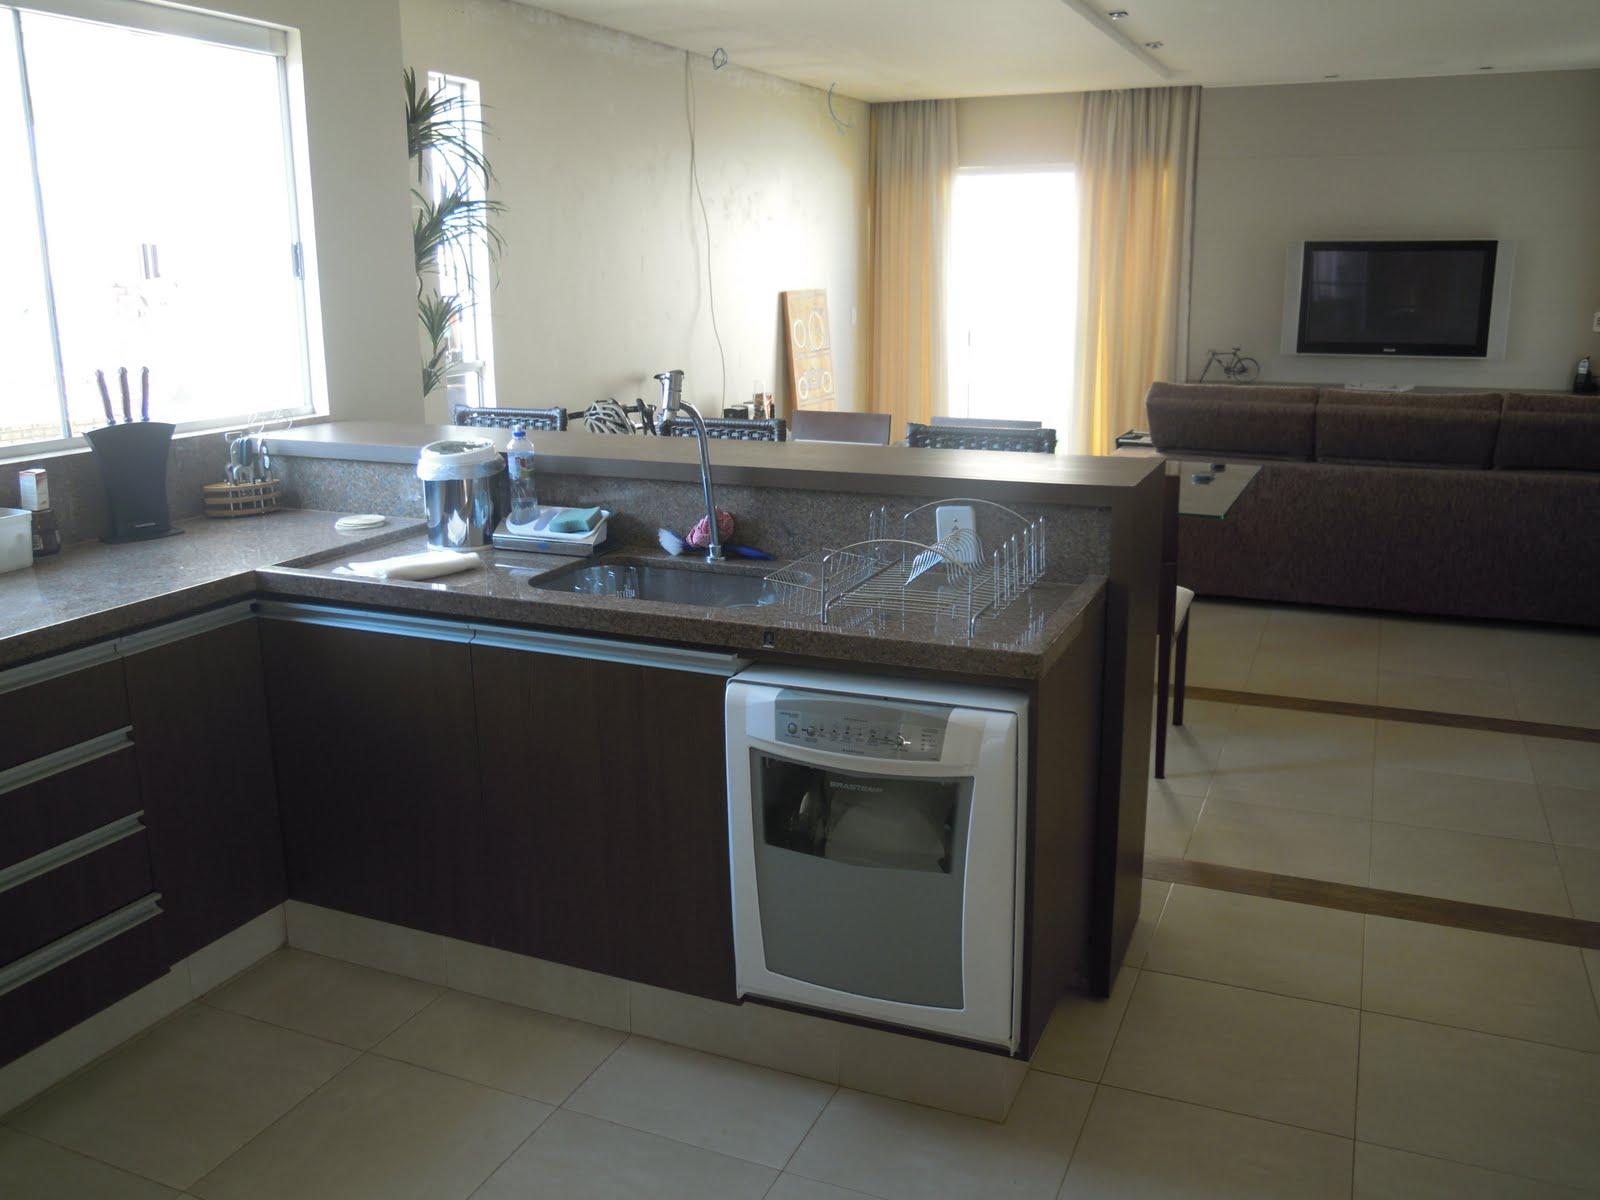 vista da cozinha para a sala local para instalação da máquina de  #826D49 1600 1200